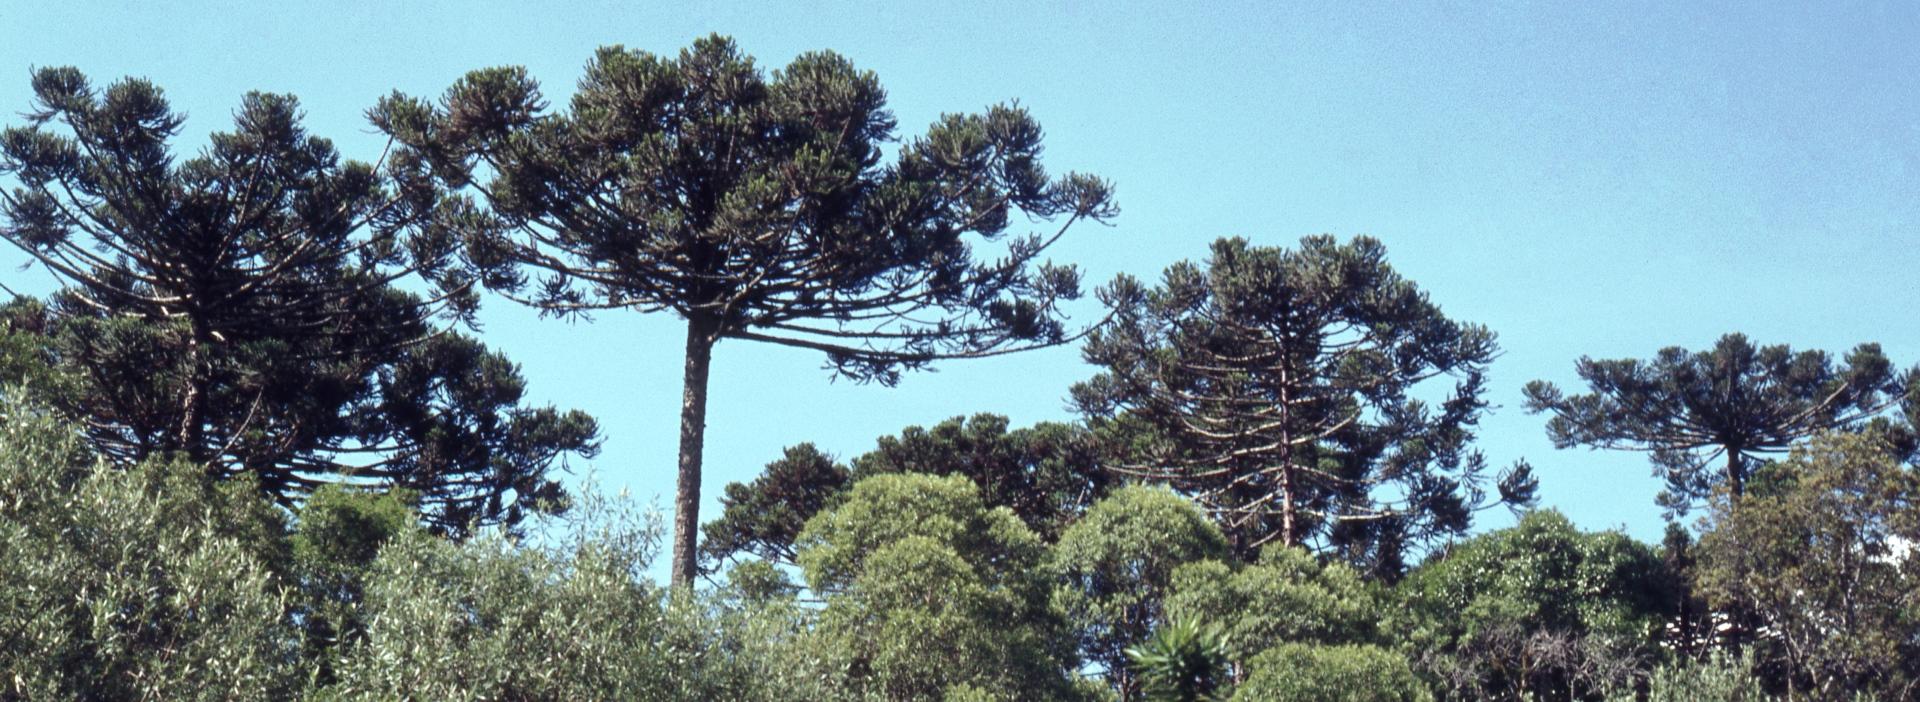 Auf Araucaria-Exkursion in Südbrasilien-Argentinien-Chile 1981